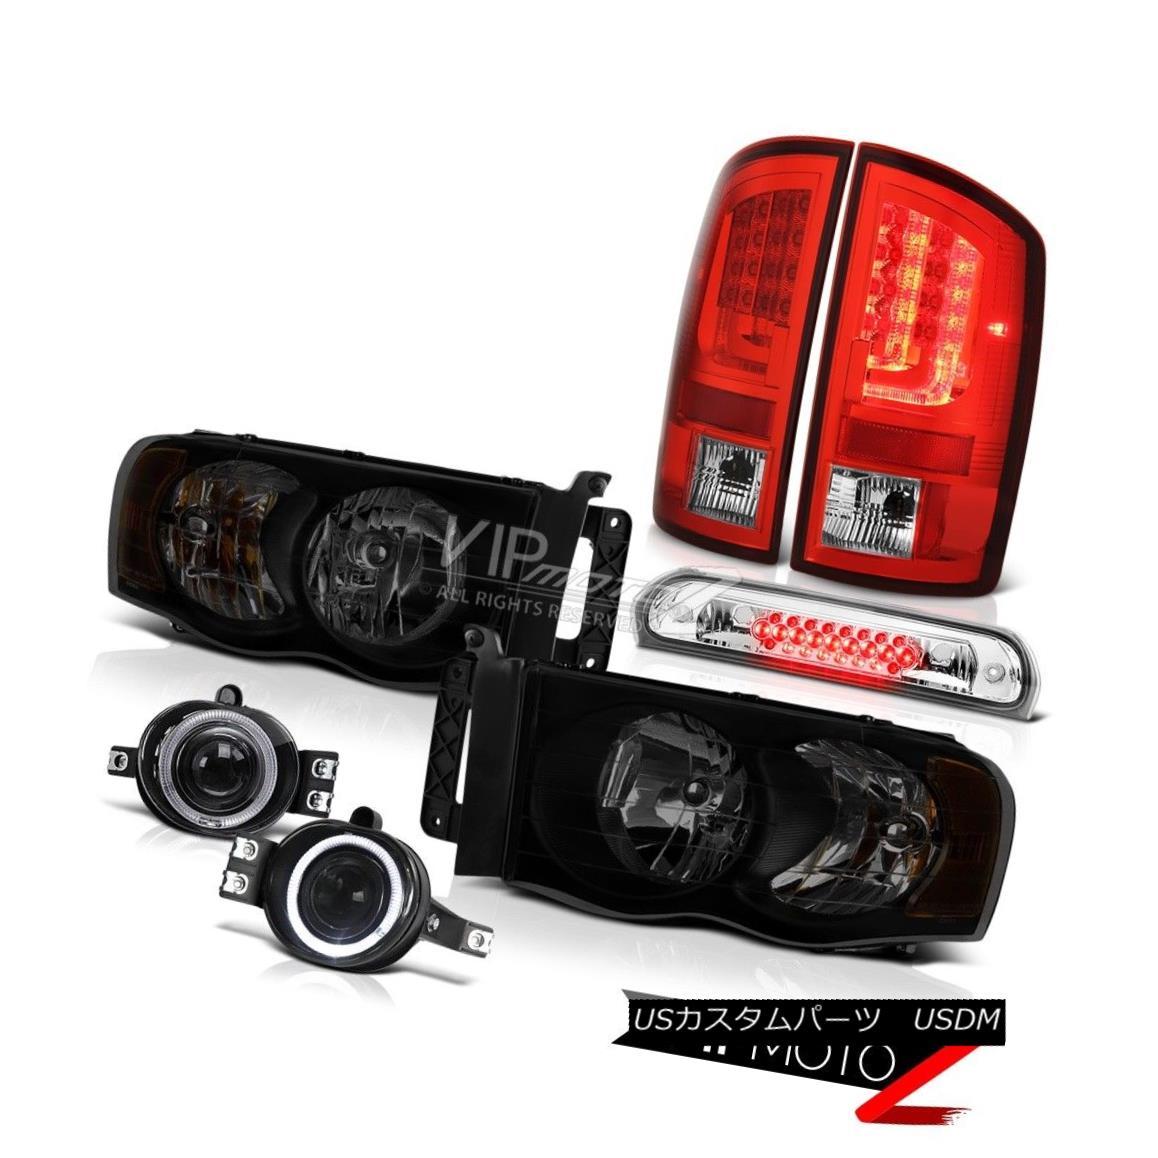 ヘッドライト 02-05 Dodge Ram 1500 2500 5.9L Tail Lamps Headlamps Foglamps Third Brake Light 02-05 Dodge Ram 1500 2500 5.9Lテールランプヘッドランプフォグランプ第3ブレーキライト